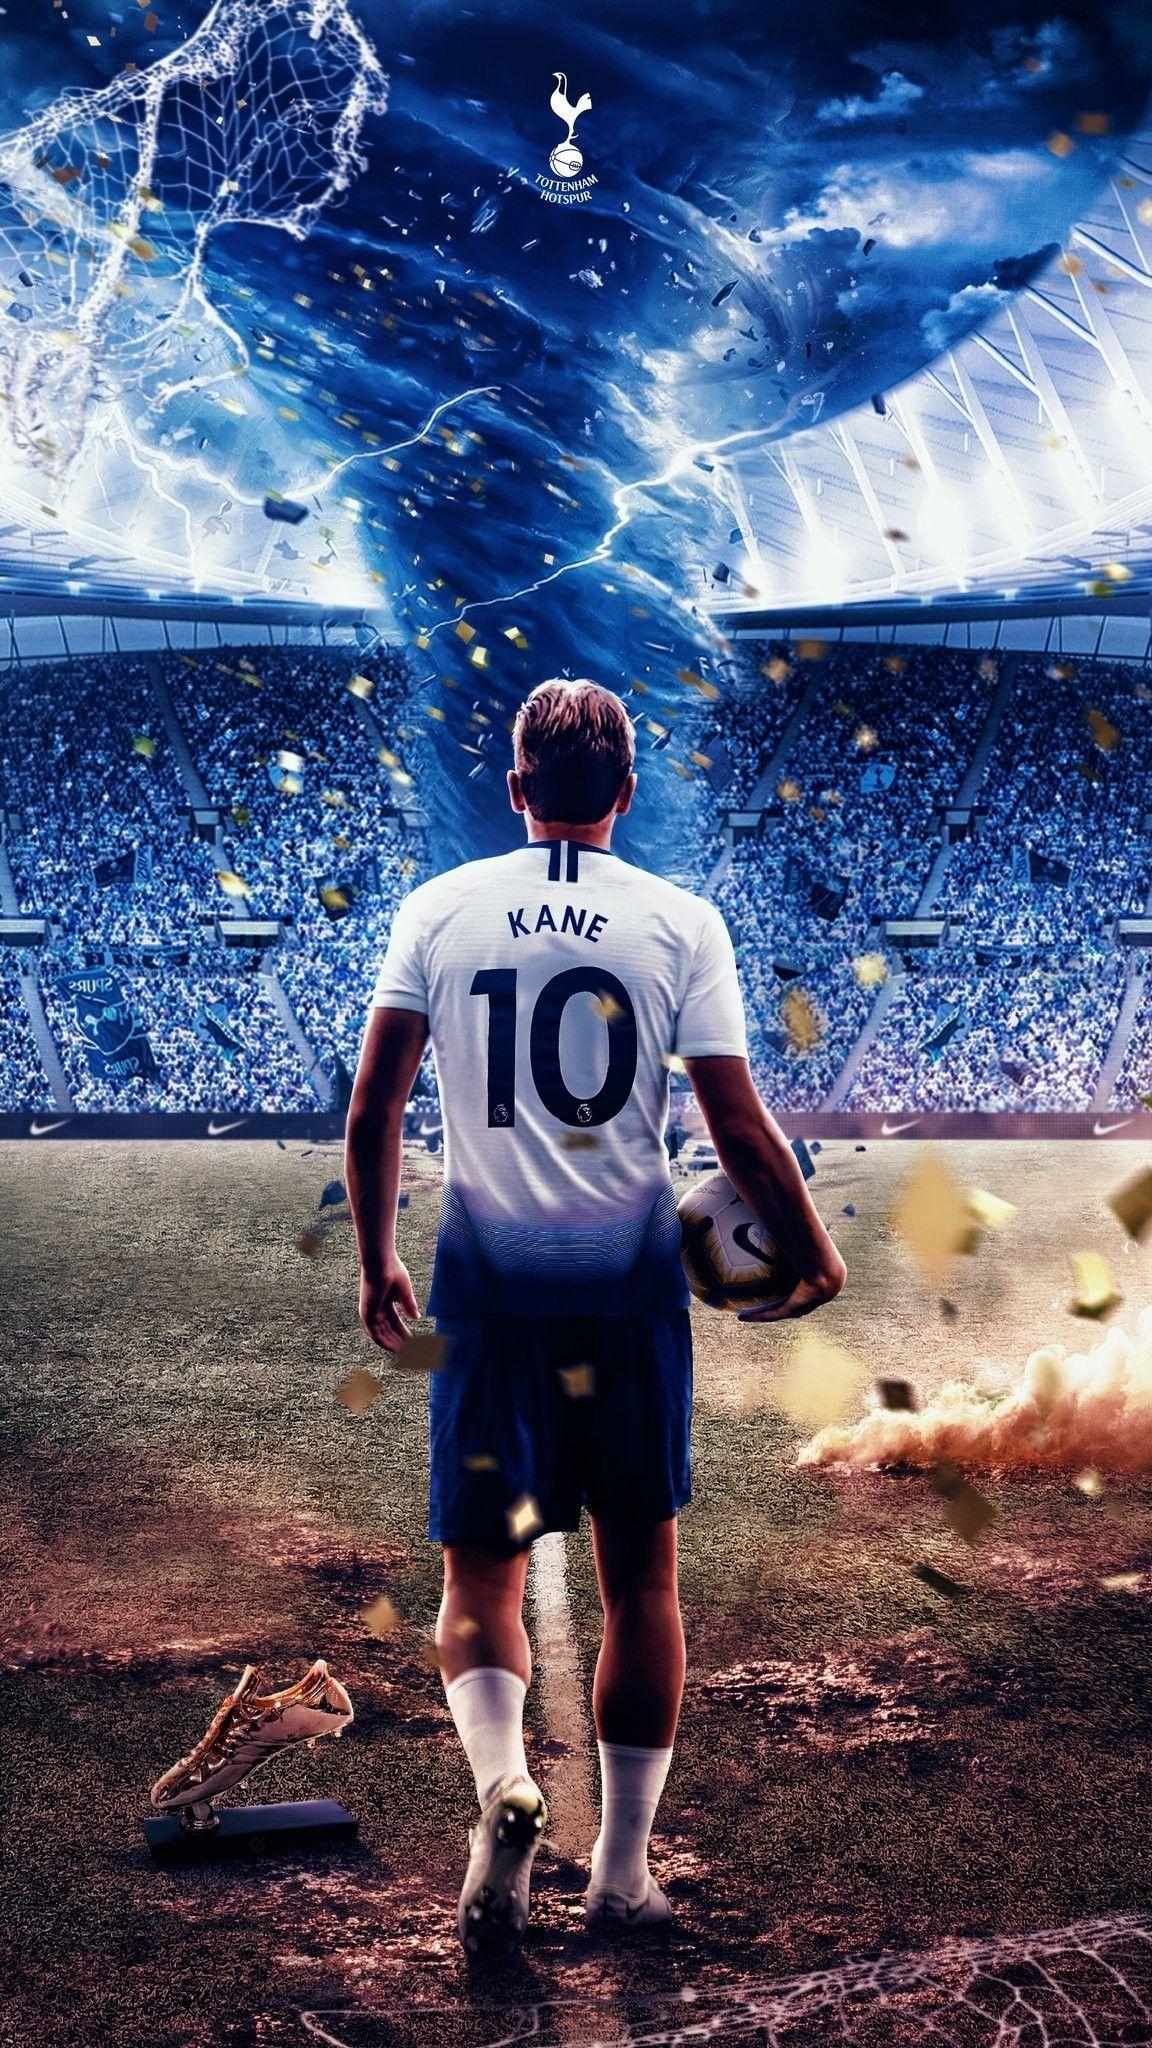 Get 557 Tottenham Hotspur Hd Wallpaper Asugio Wall Tech In 2020 Tottenham Hotspur Players Tottenham Hotspur Wallpaper Tottenham Hotspur Football